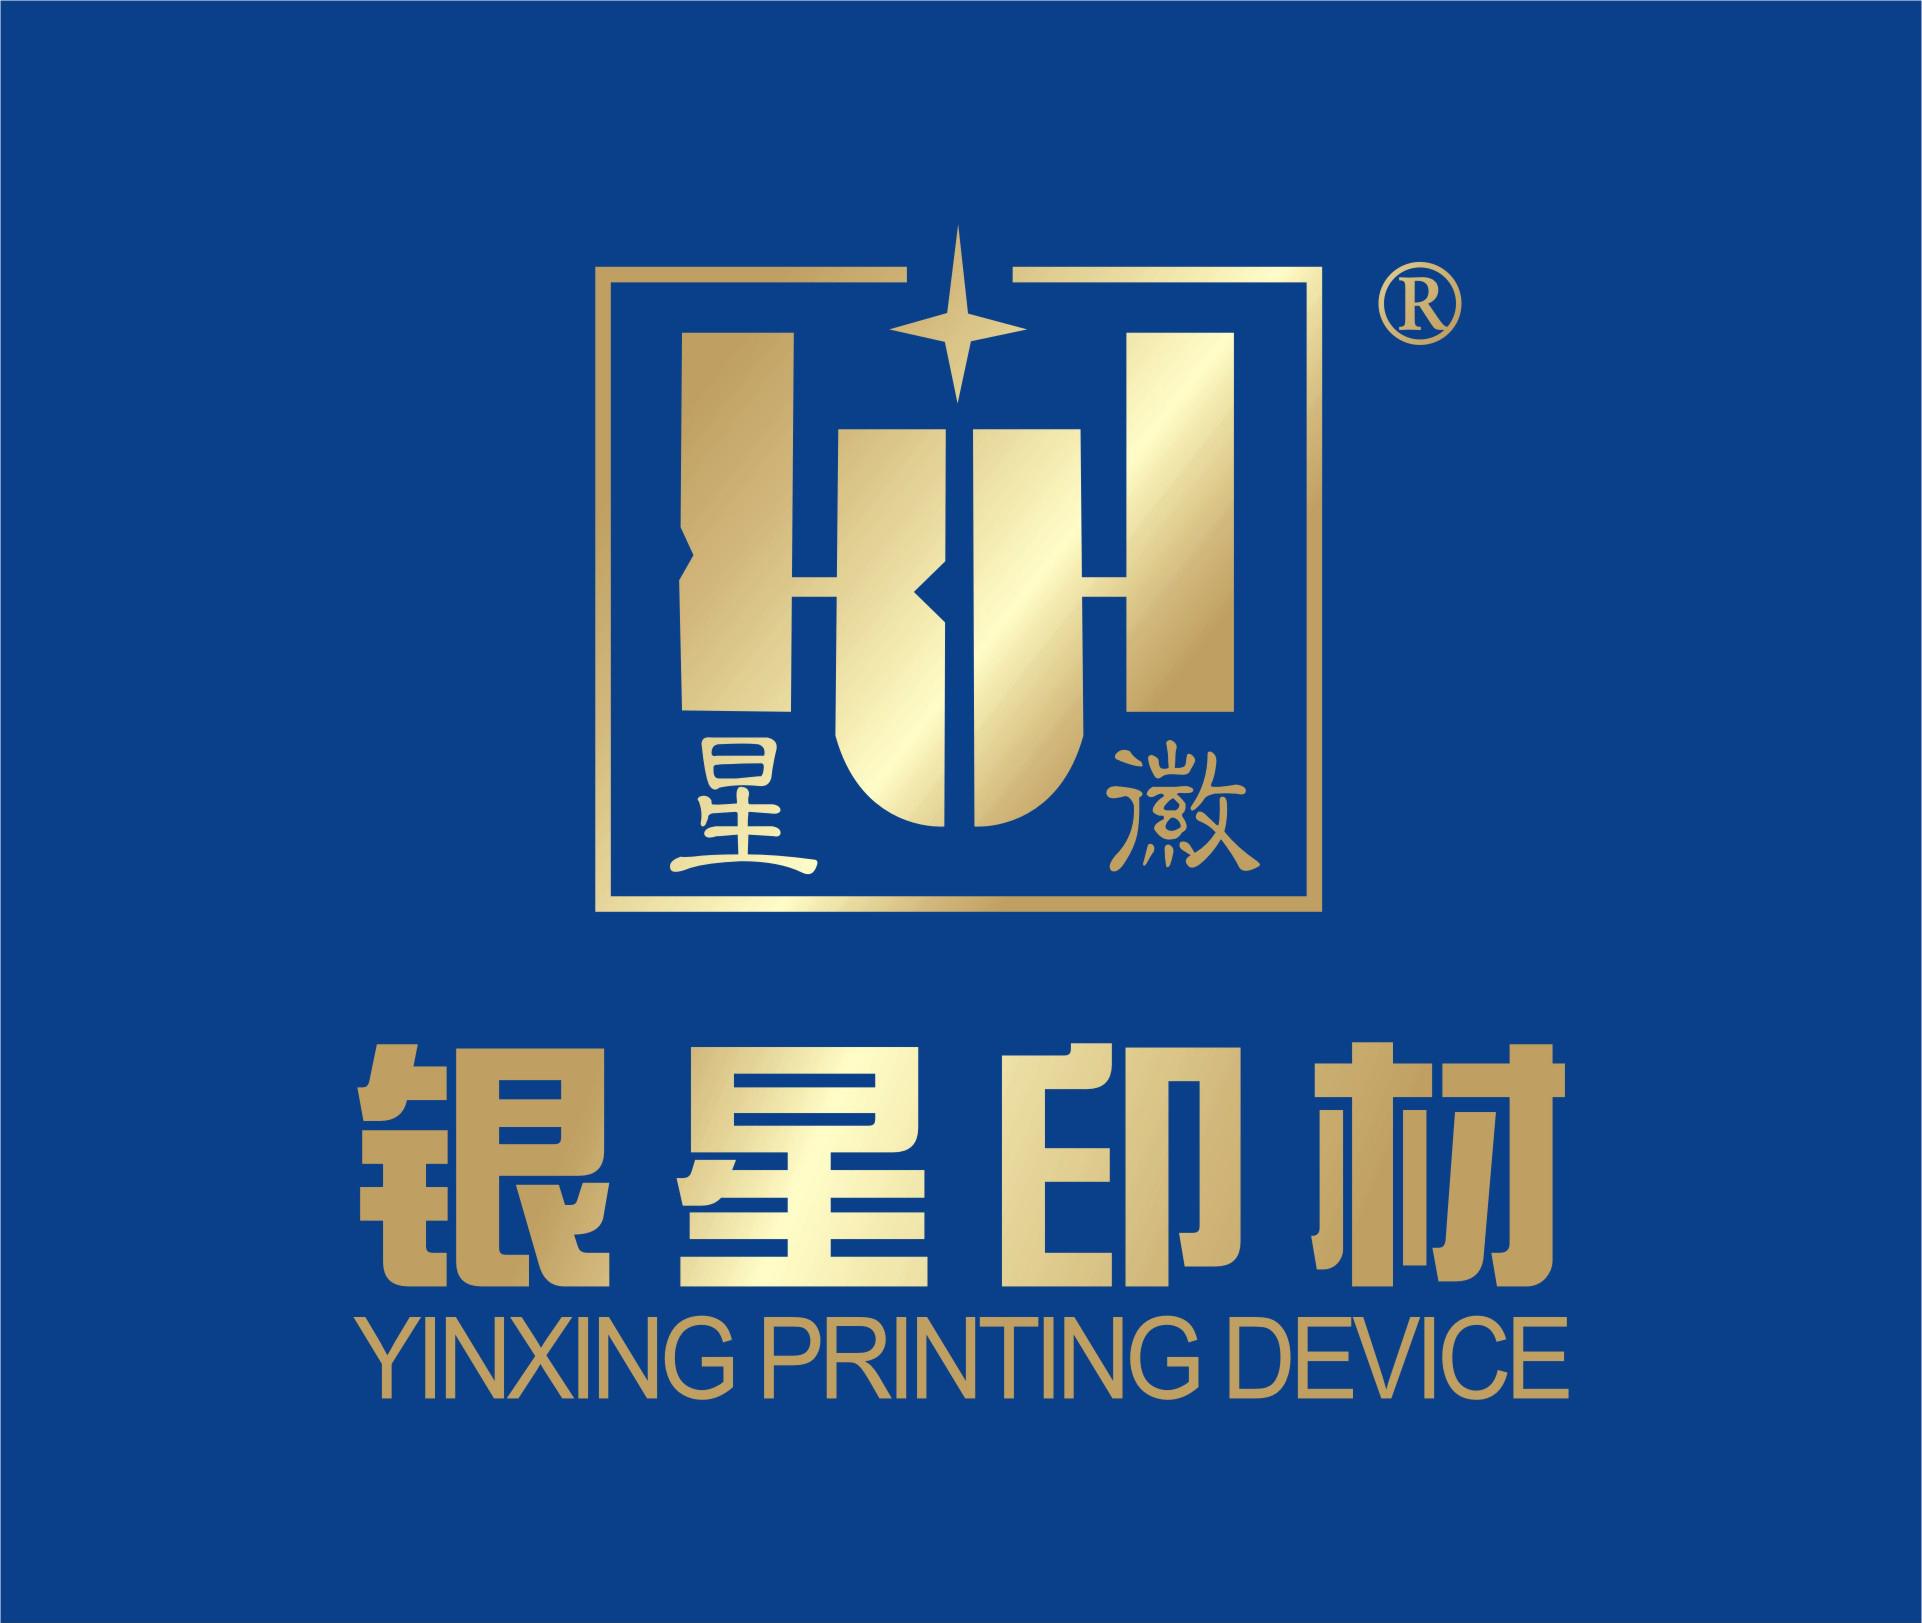 佛山市正宇�y星印刷器材有限公司 - 【中�����H全印展 All in Print China】